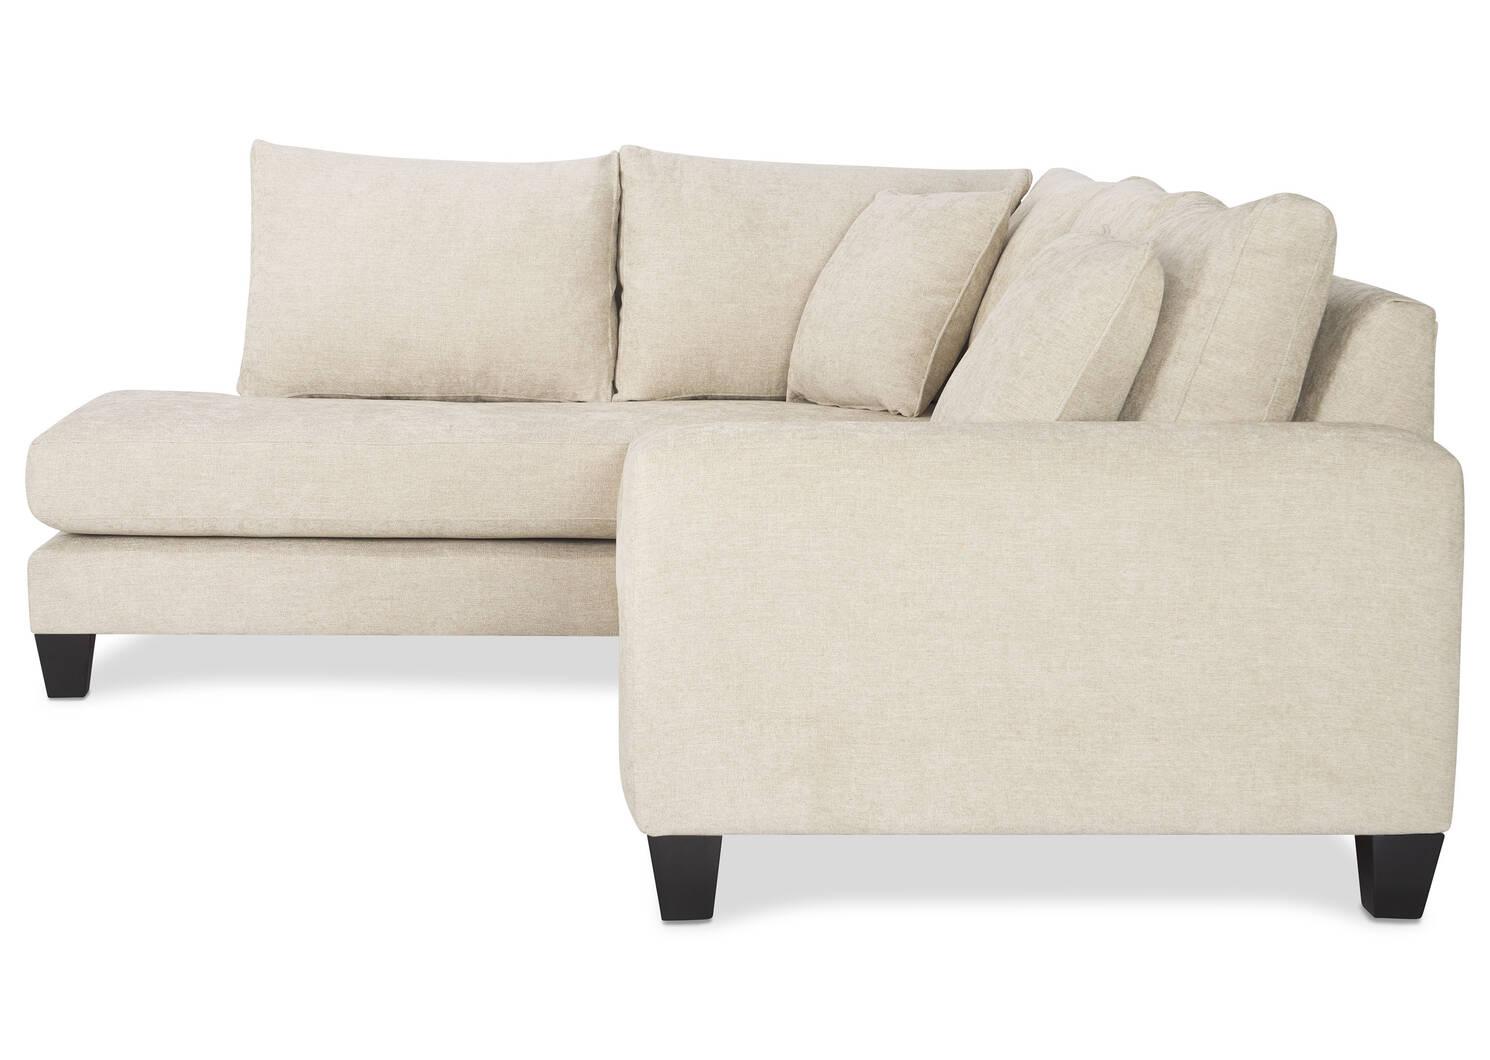 Canapé modulaire Bronx -Jango opale, g.